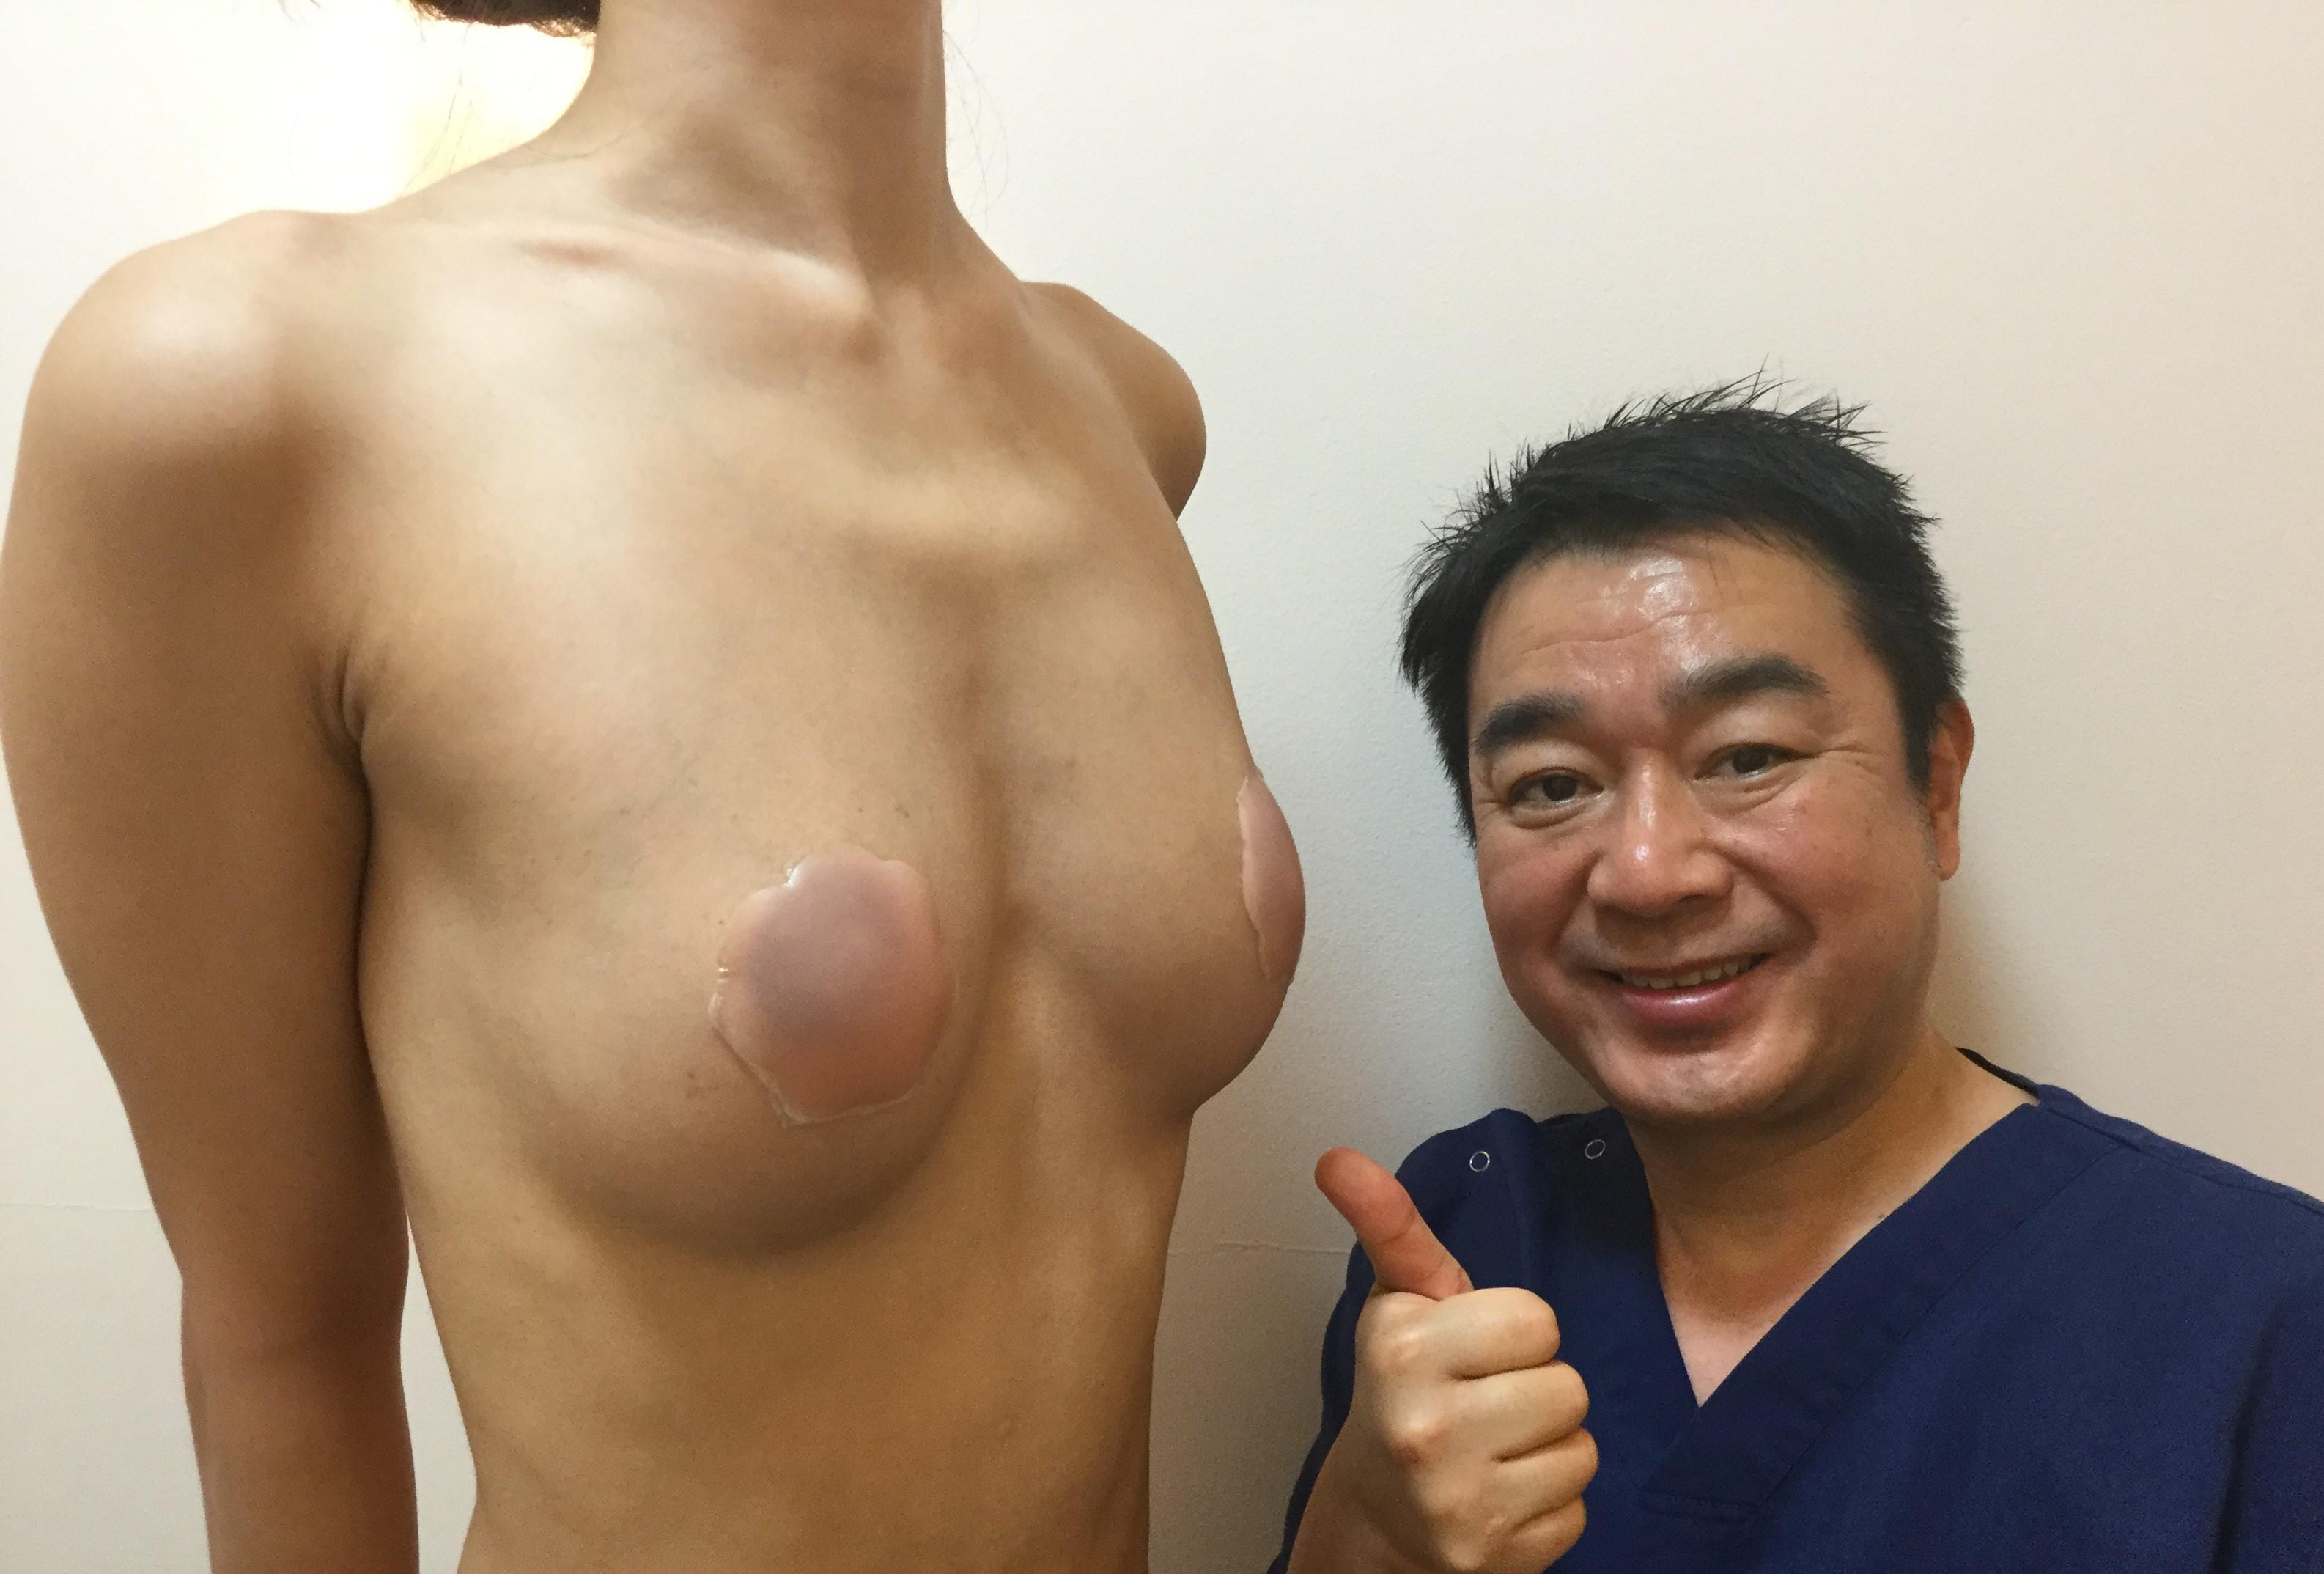 超やせ型:ビブラセルチャー豊胸術後3か月:ガリガリのバストが豊満なバストに